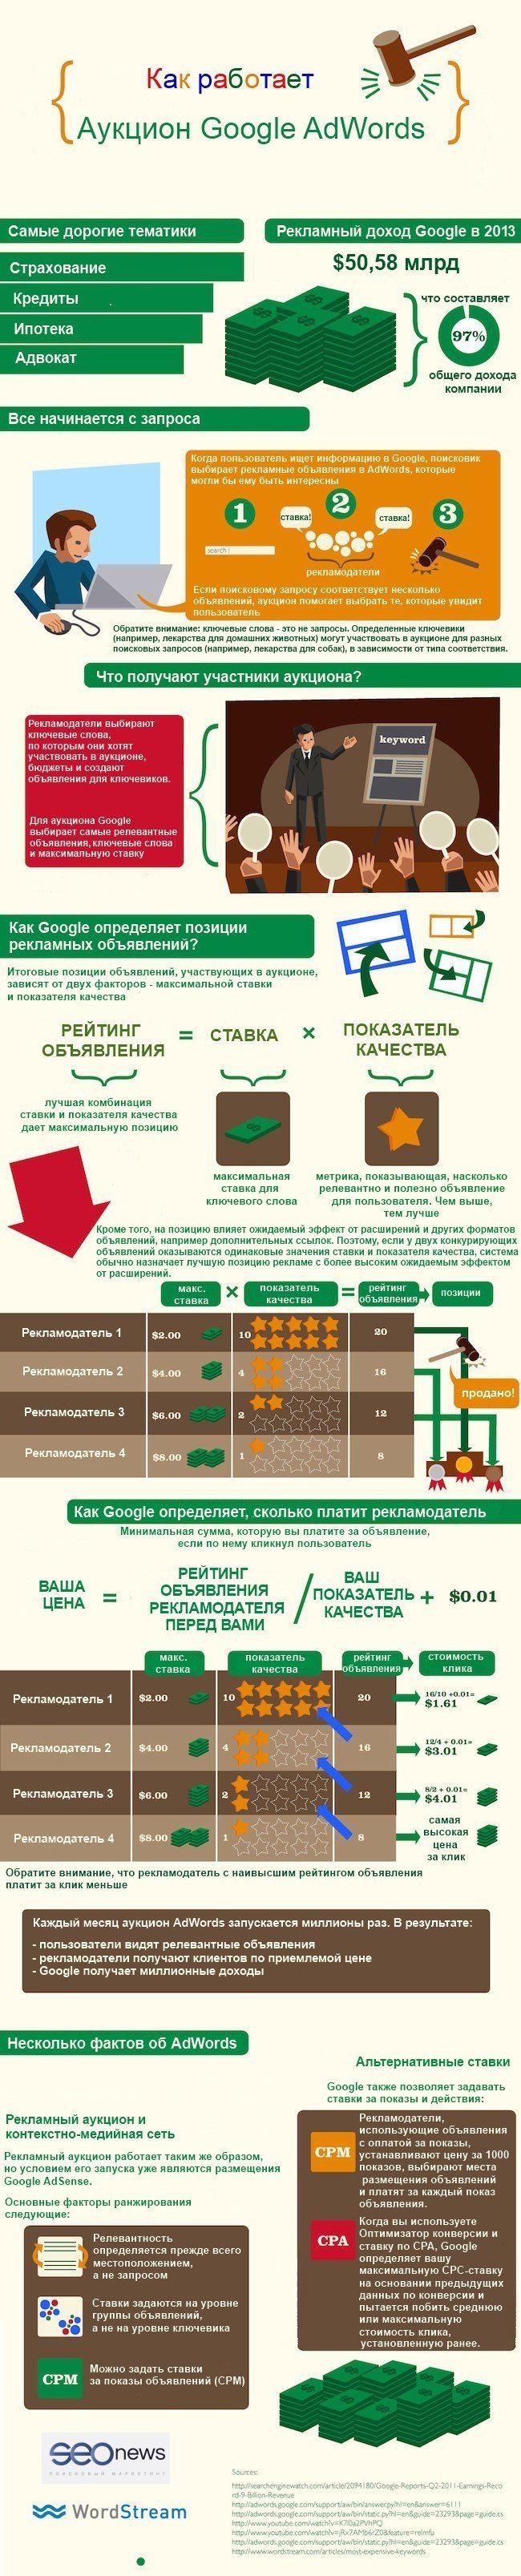 Как работает аукцион в Google #AdWords